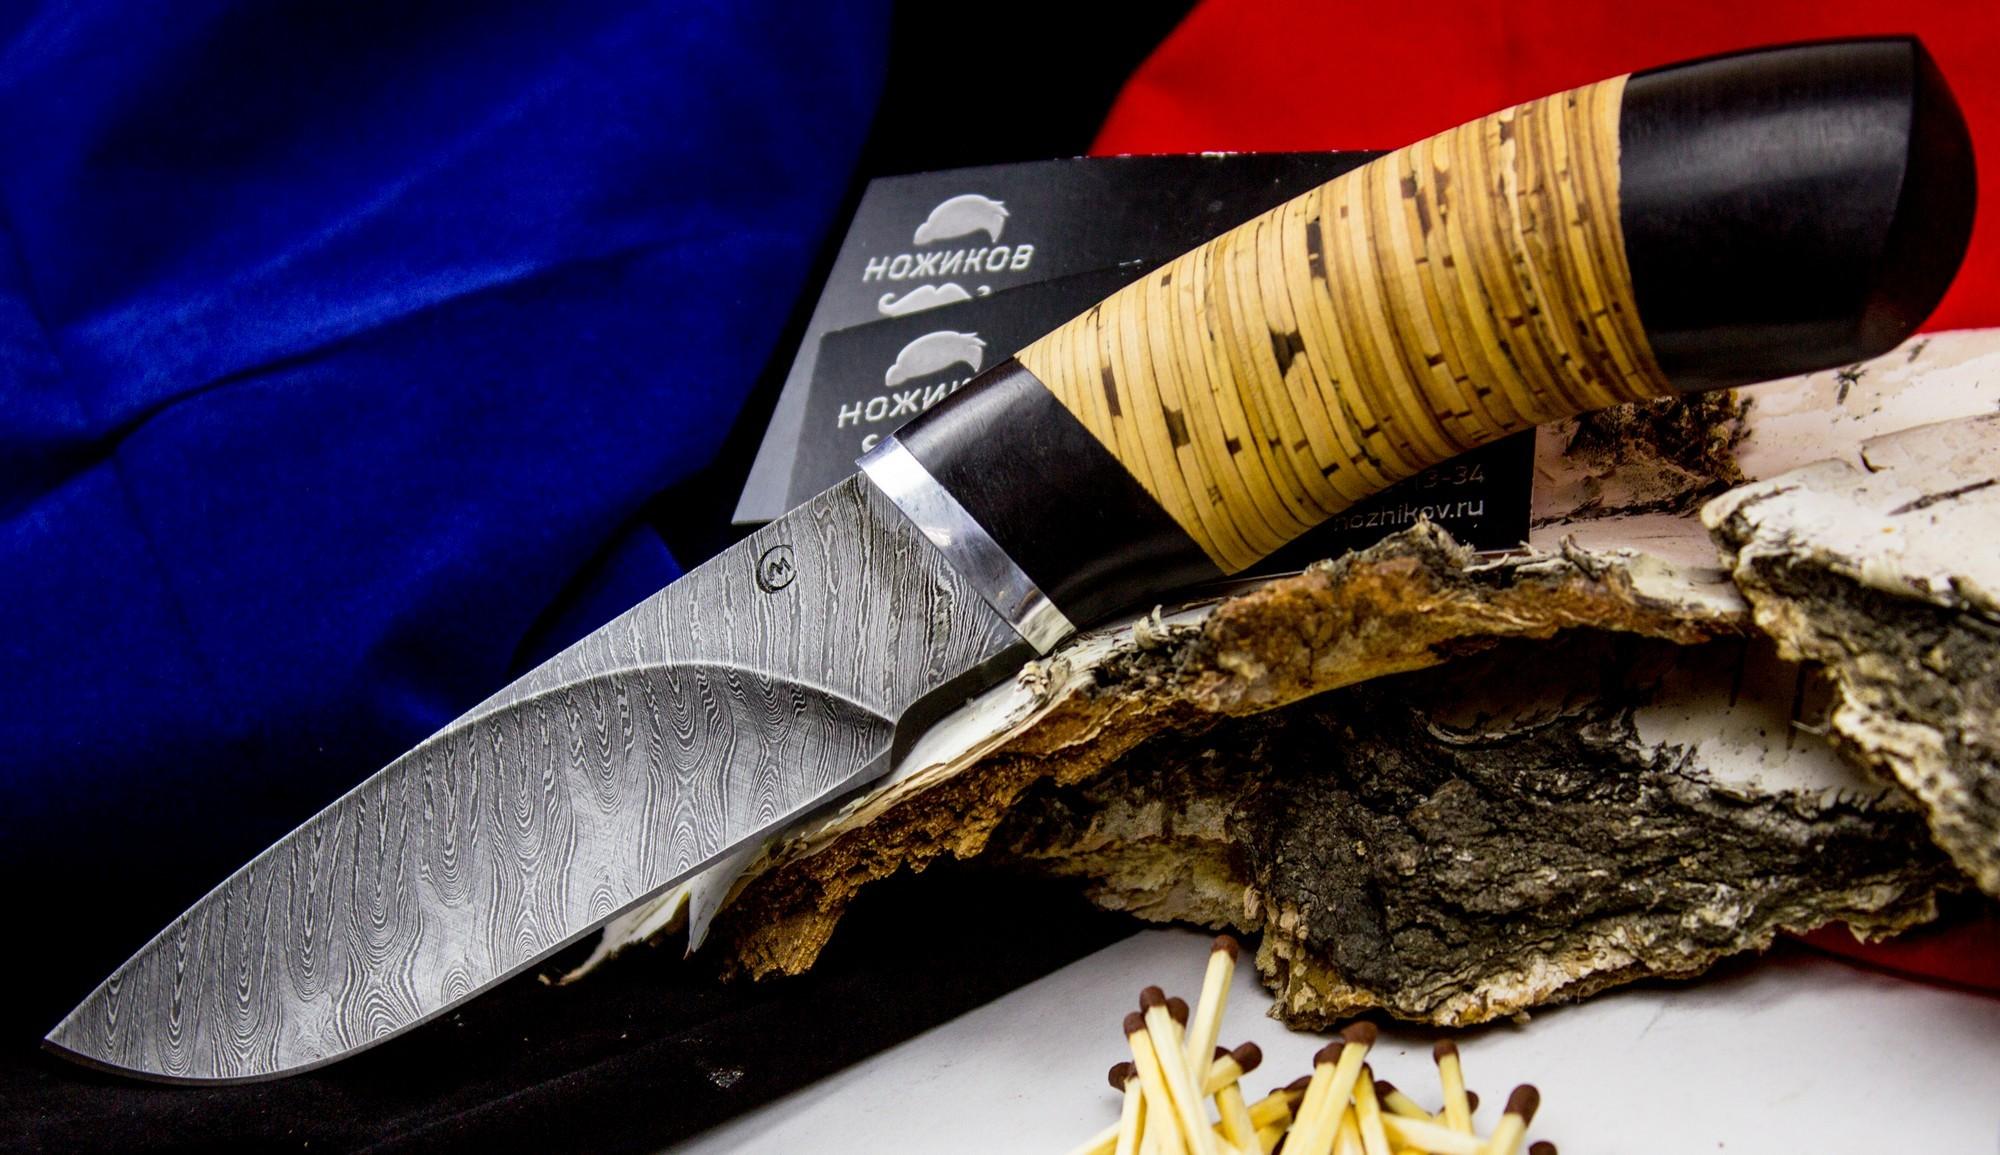 фото ножей всех видов мира ратовала естественную красоту